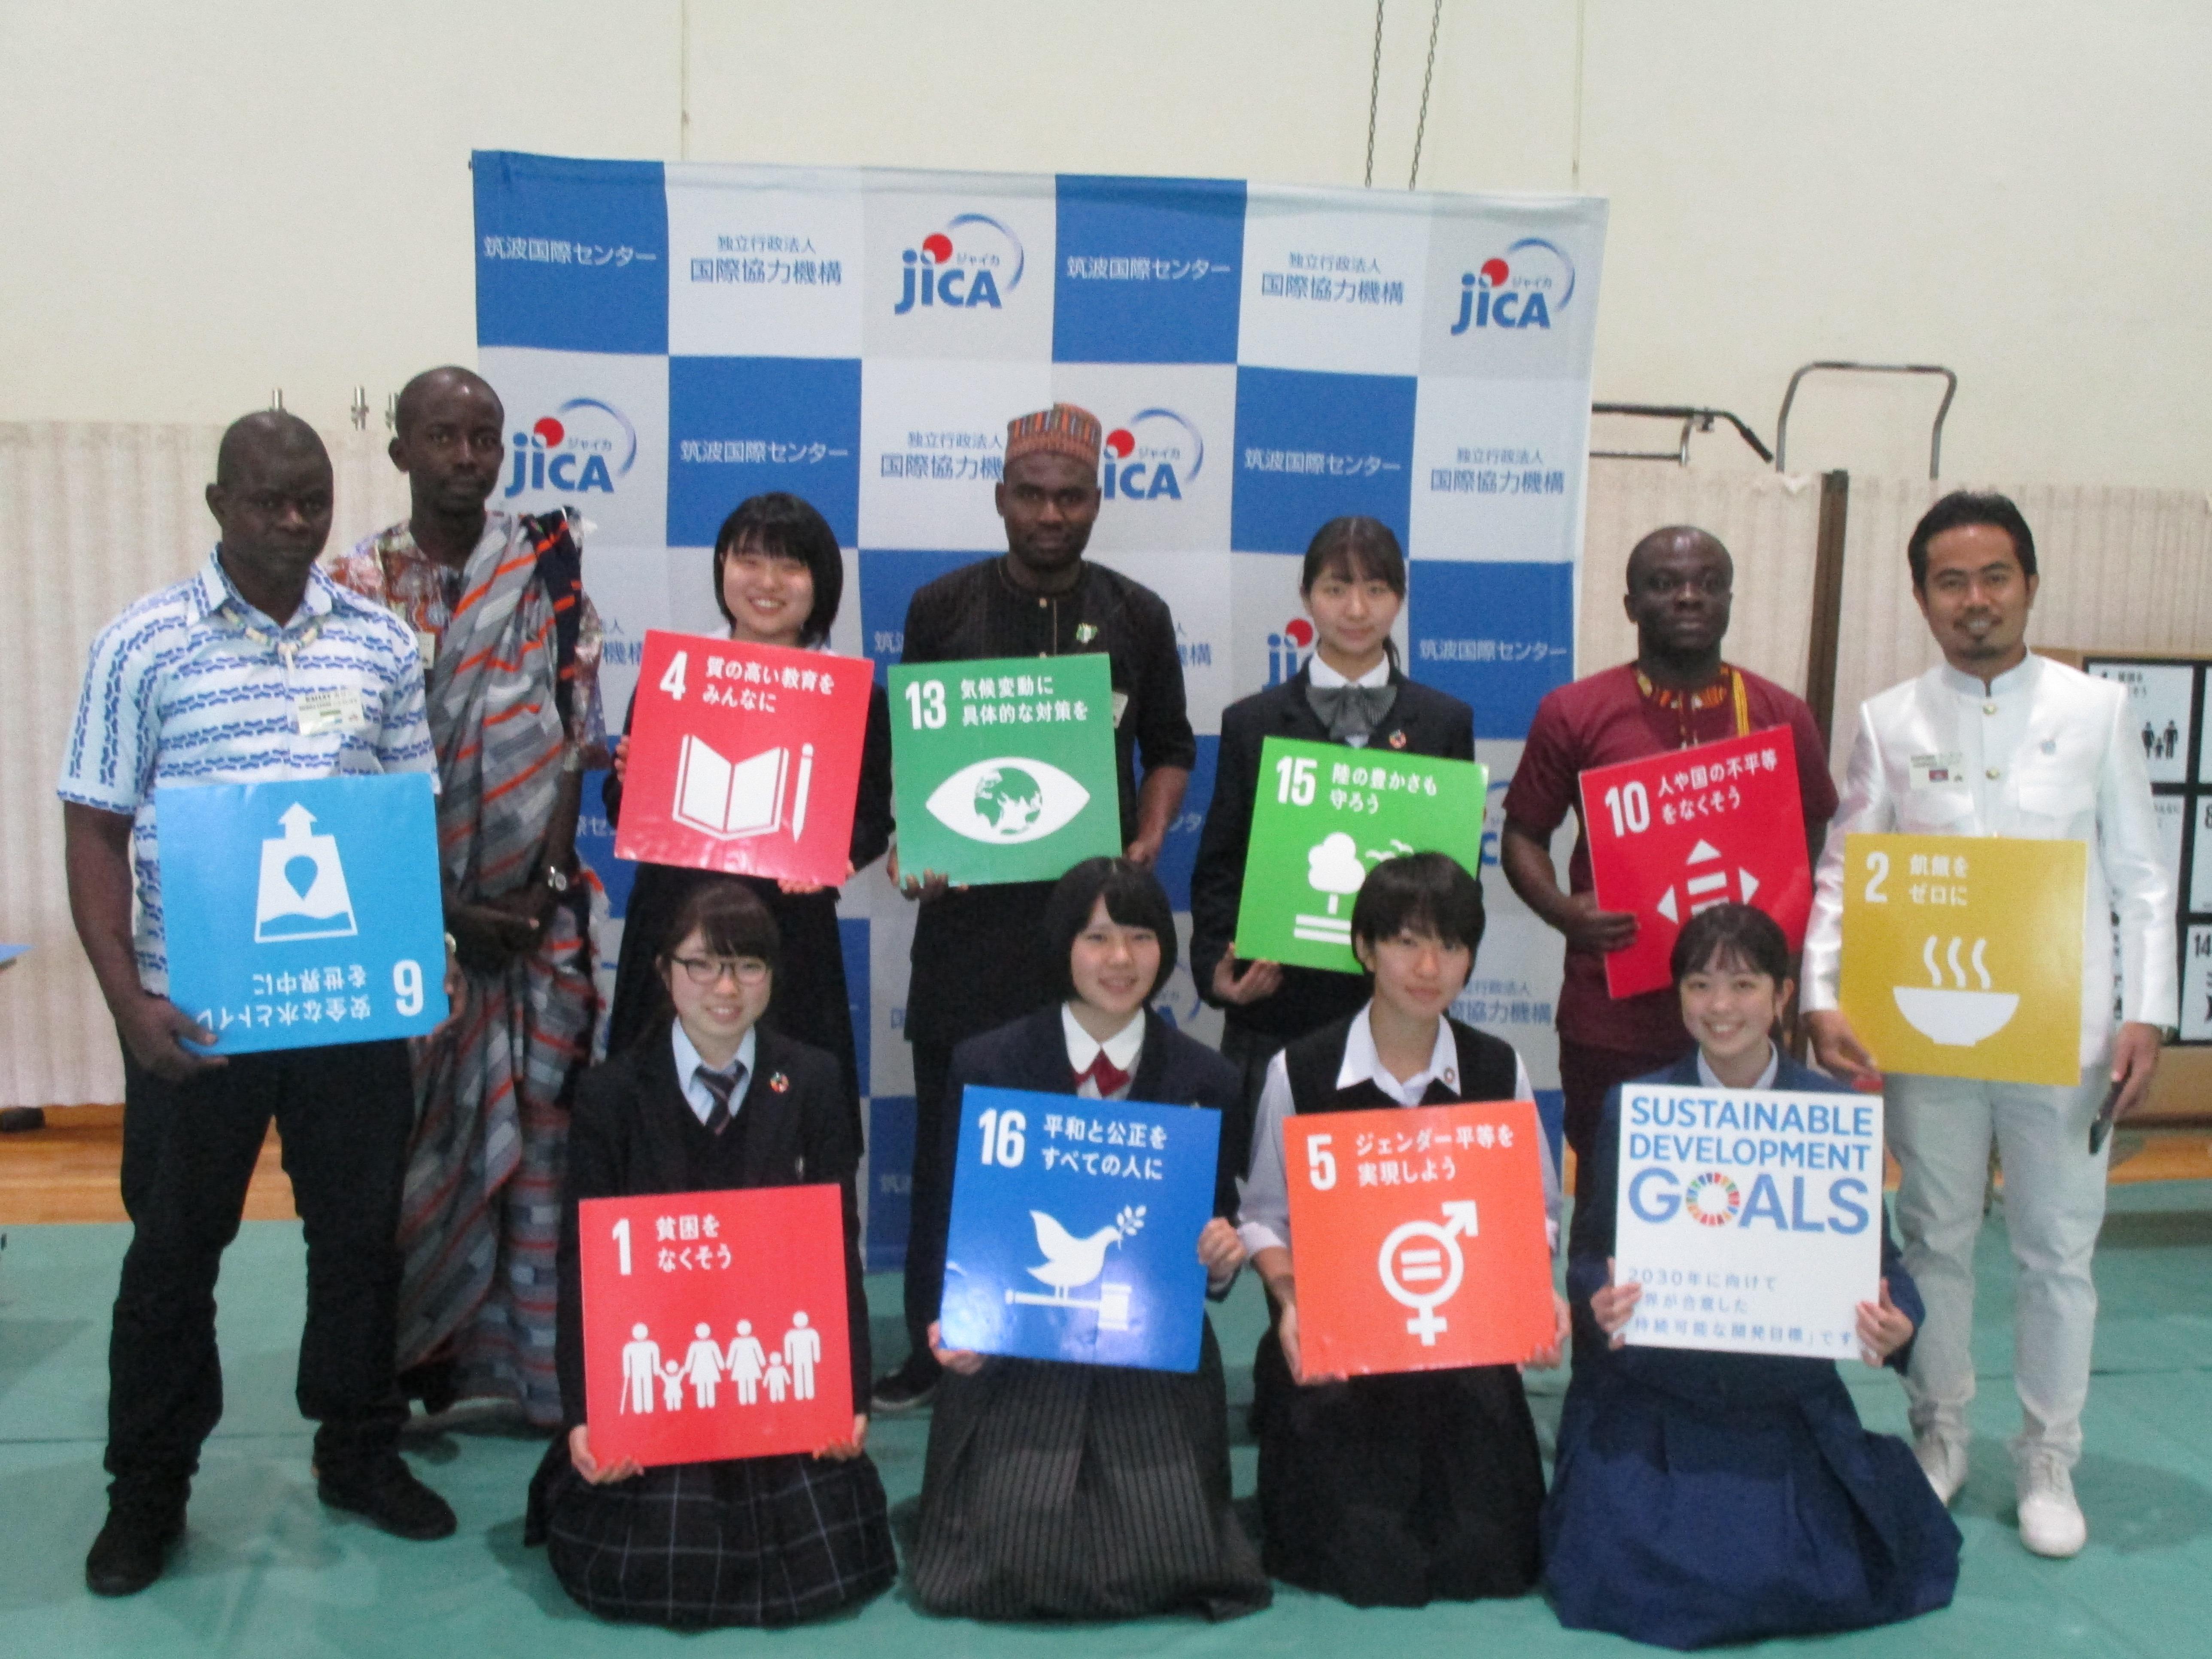 【茨城県・栃木県の高校生対象】高校生国際協力実体験プログラム